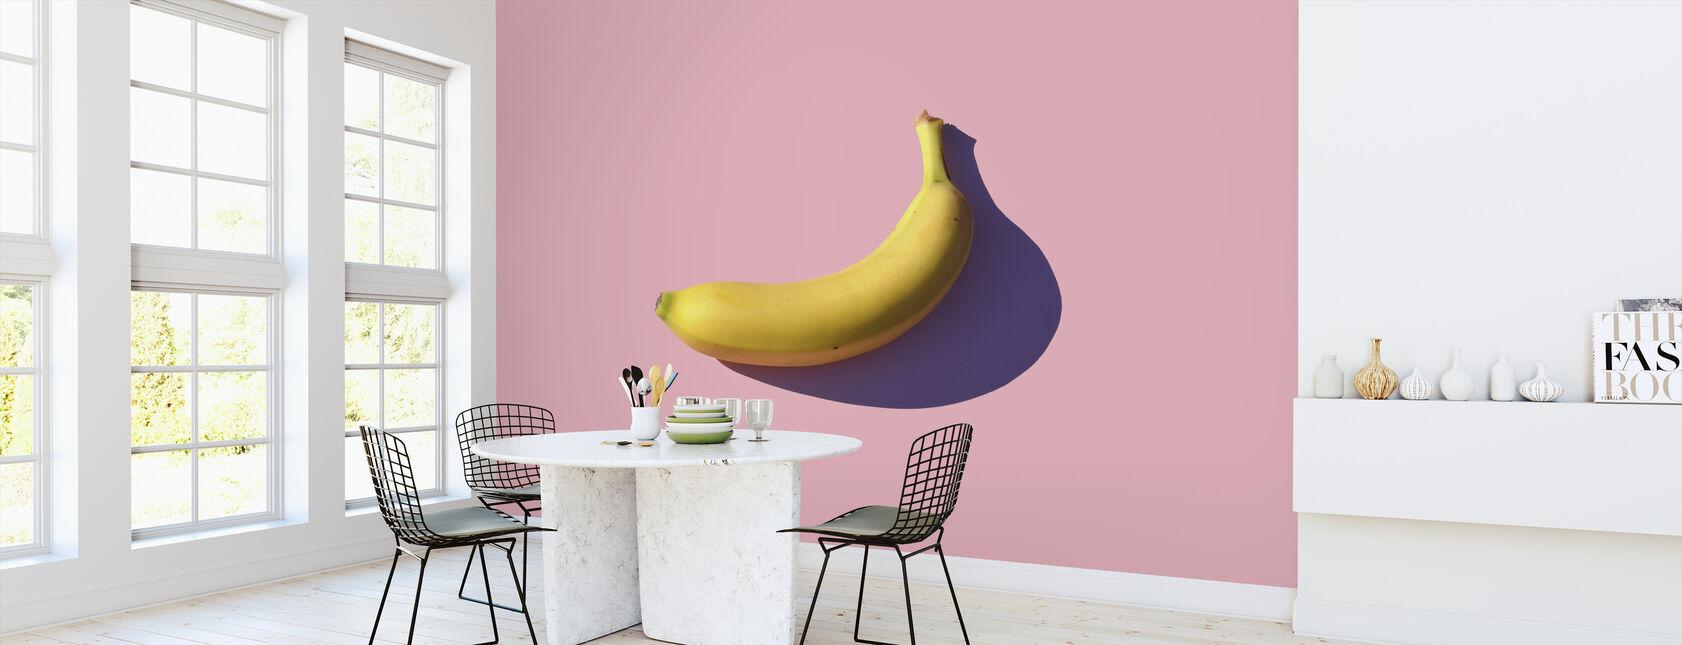 Banana - Wallpaper - Kitchen